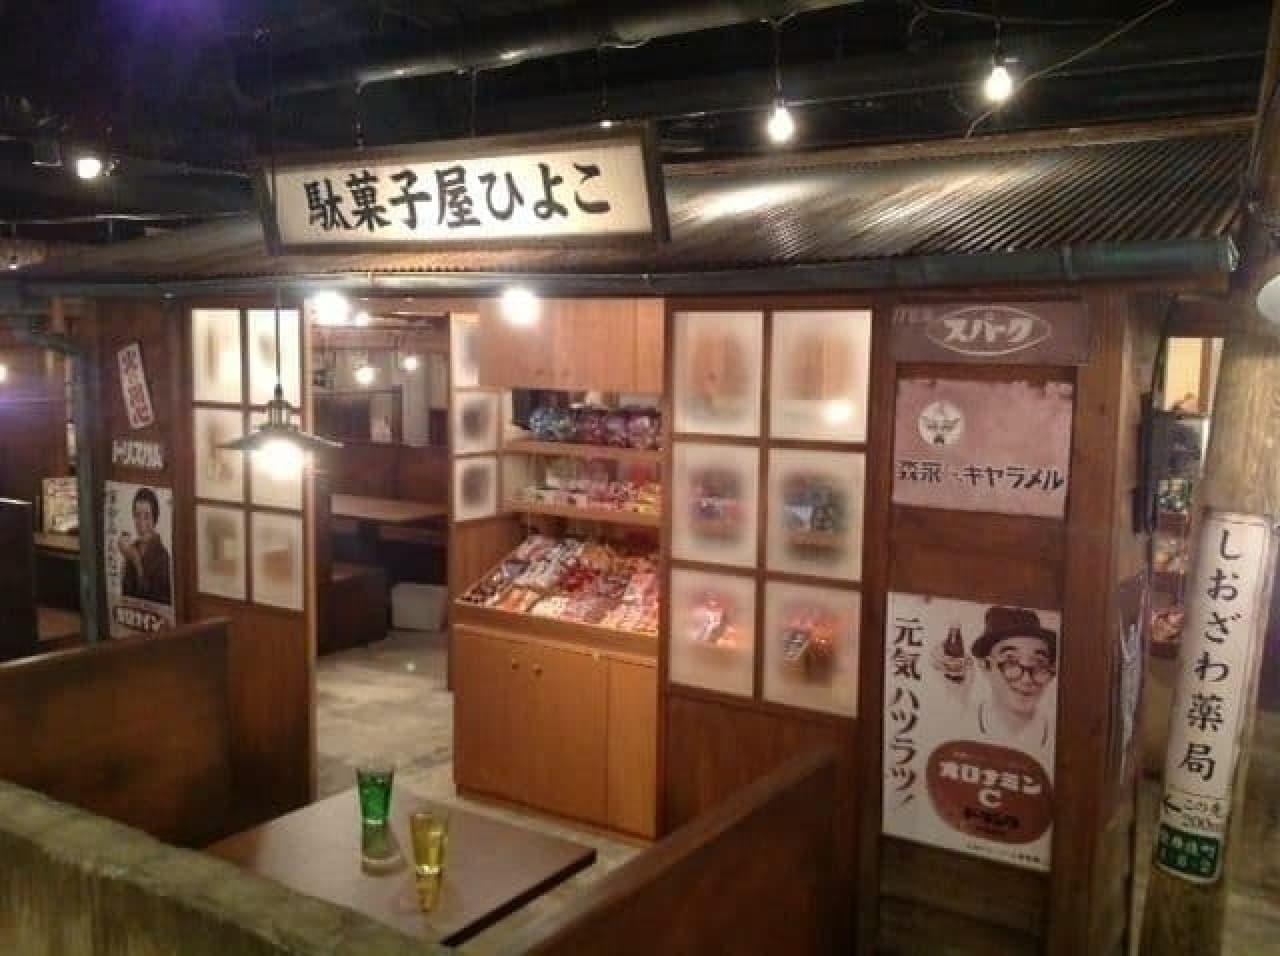 駄菓子が食べ放題の「駄菓子バー」、新宿にオープン